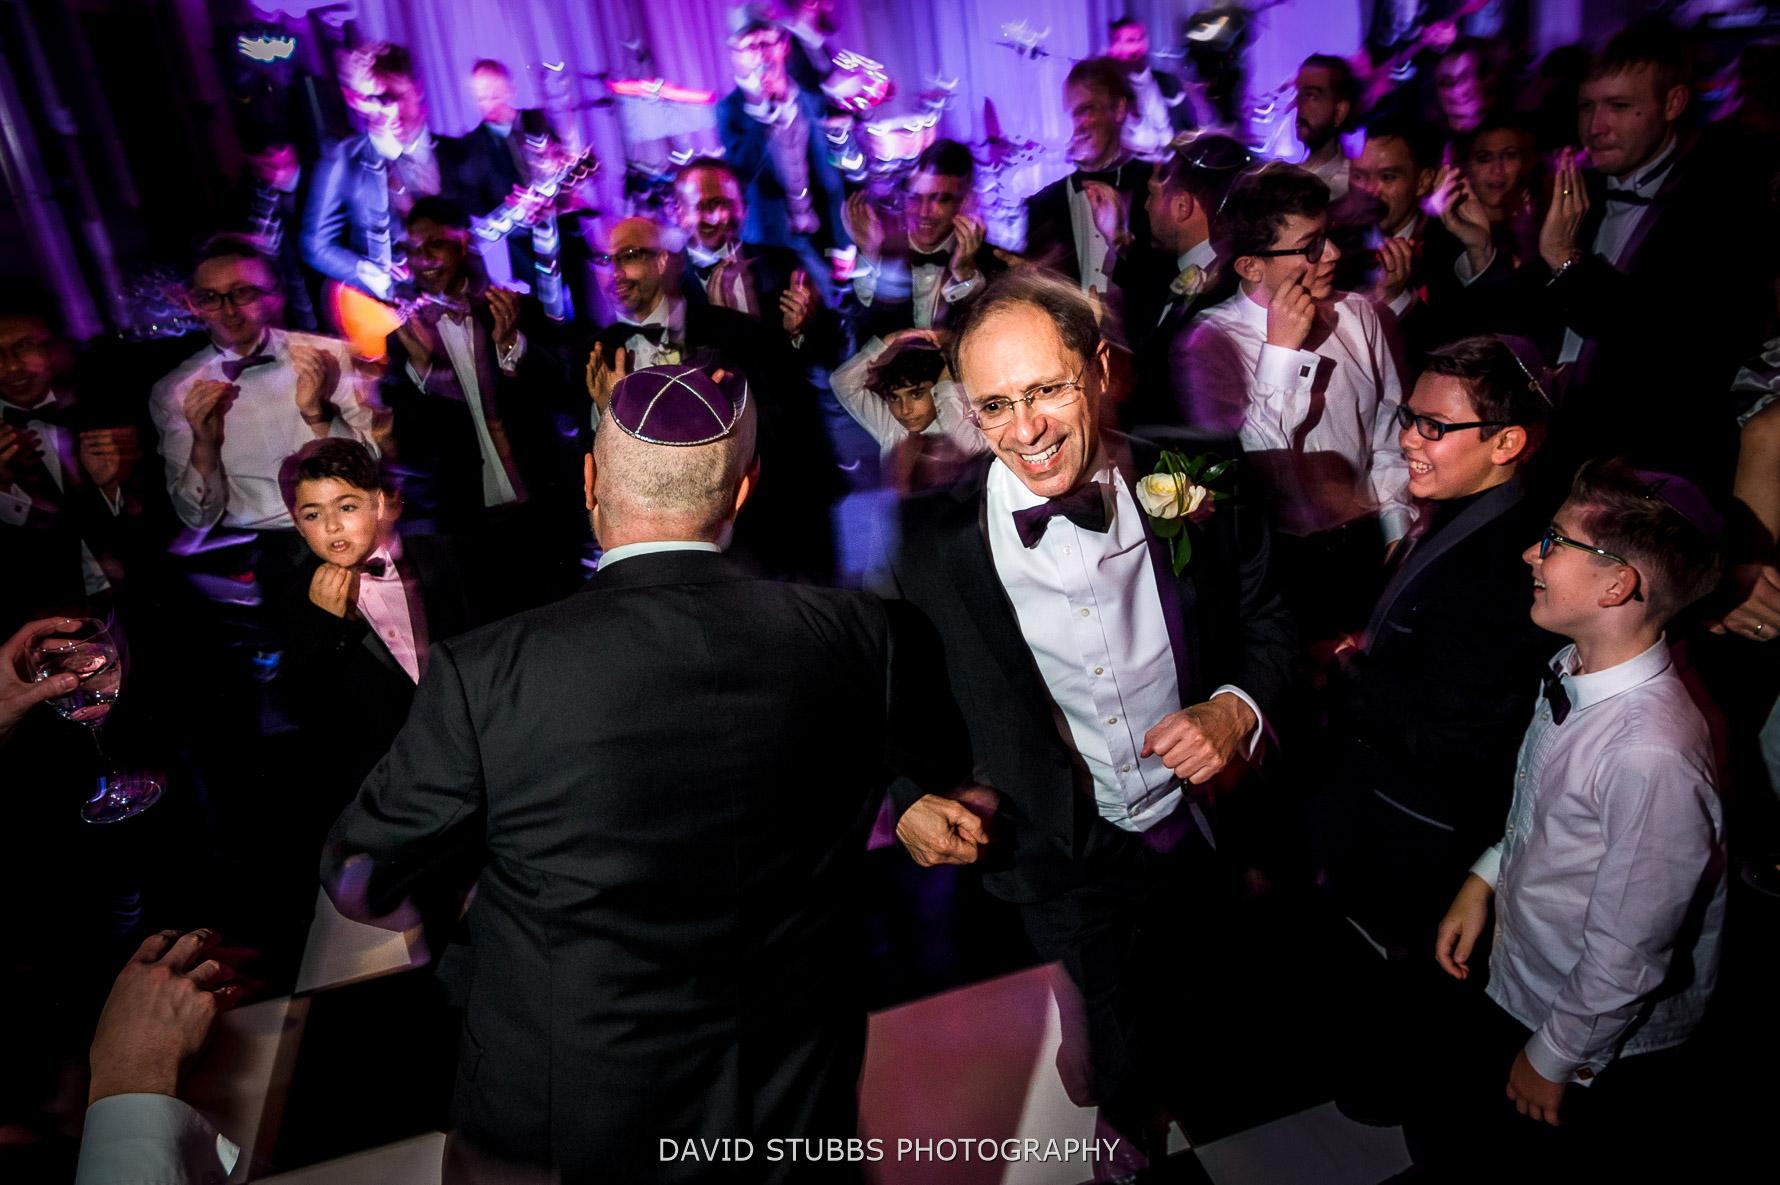 Israeli dancing